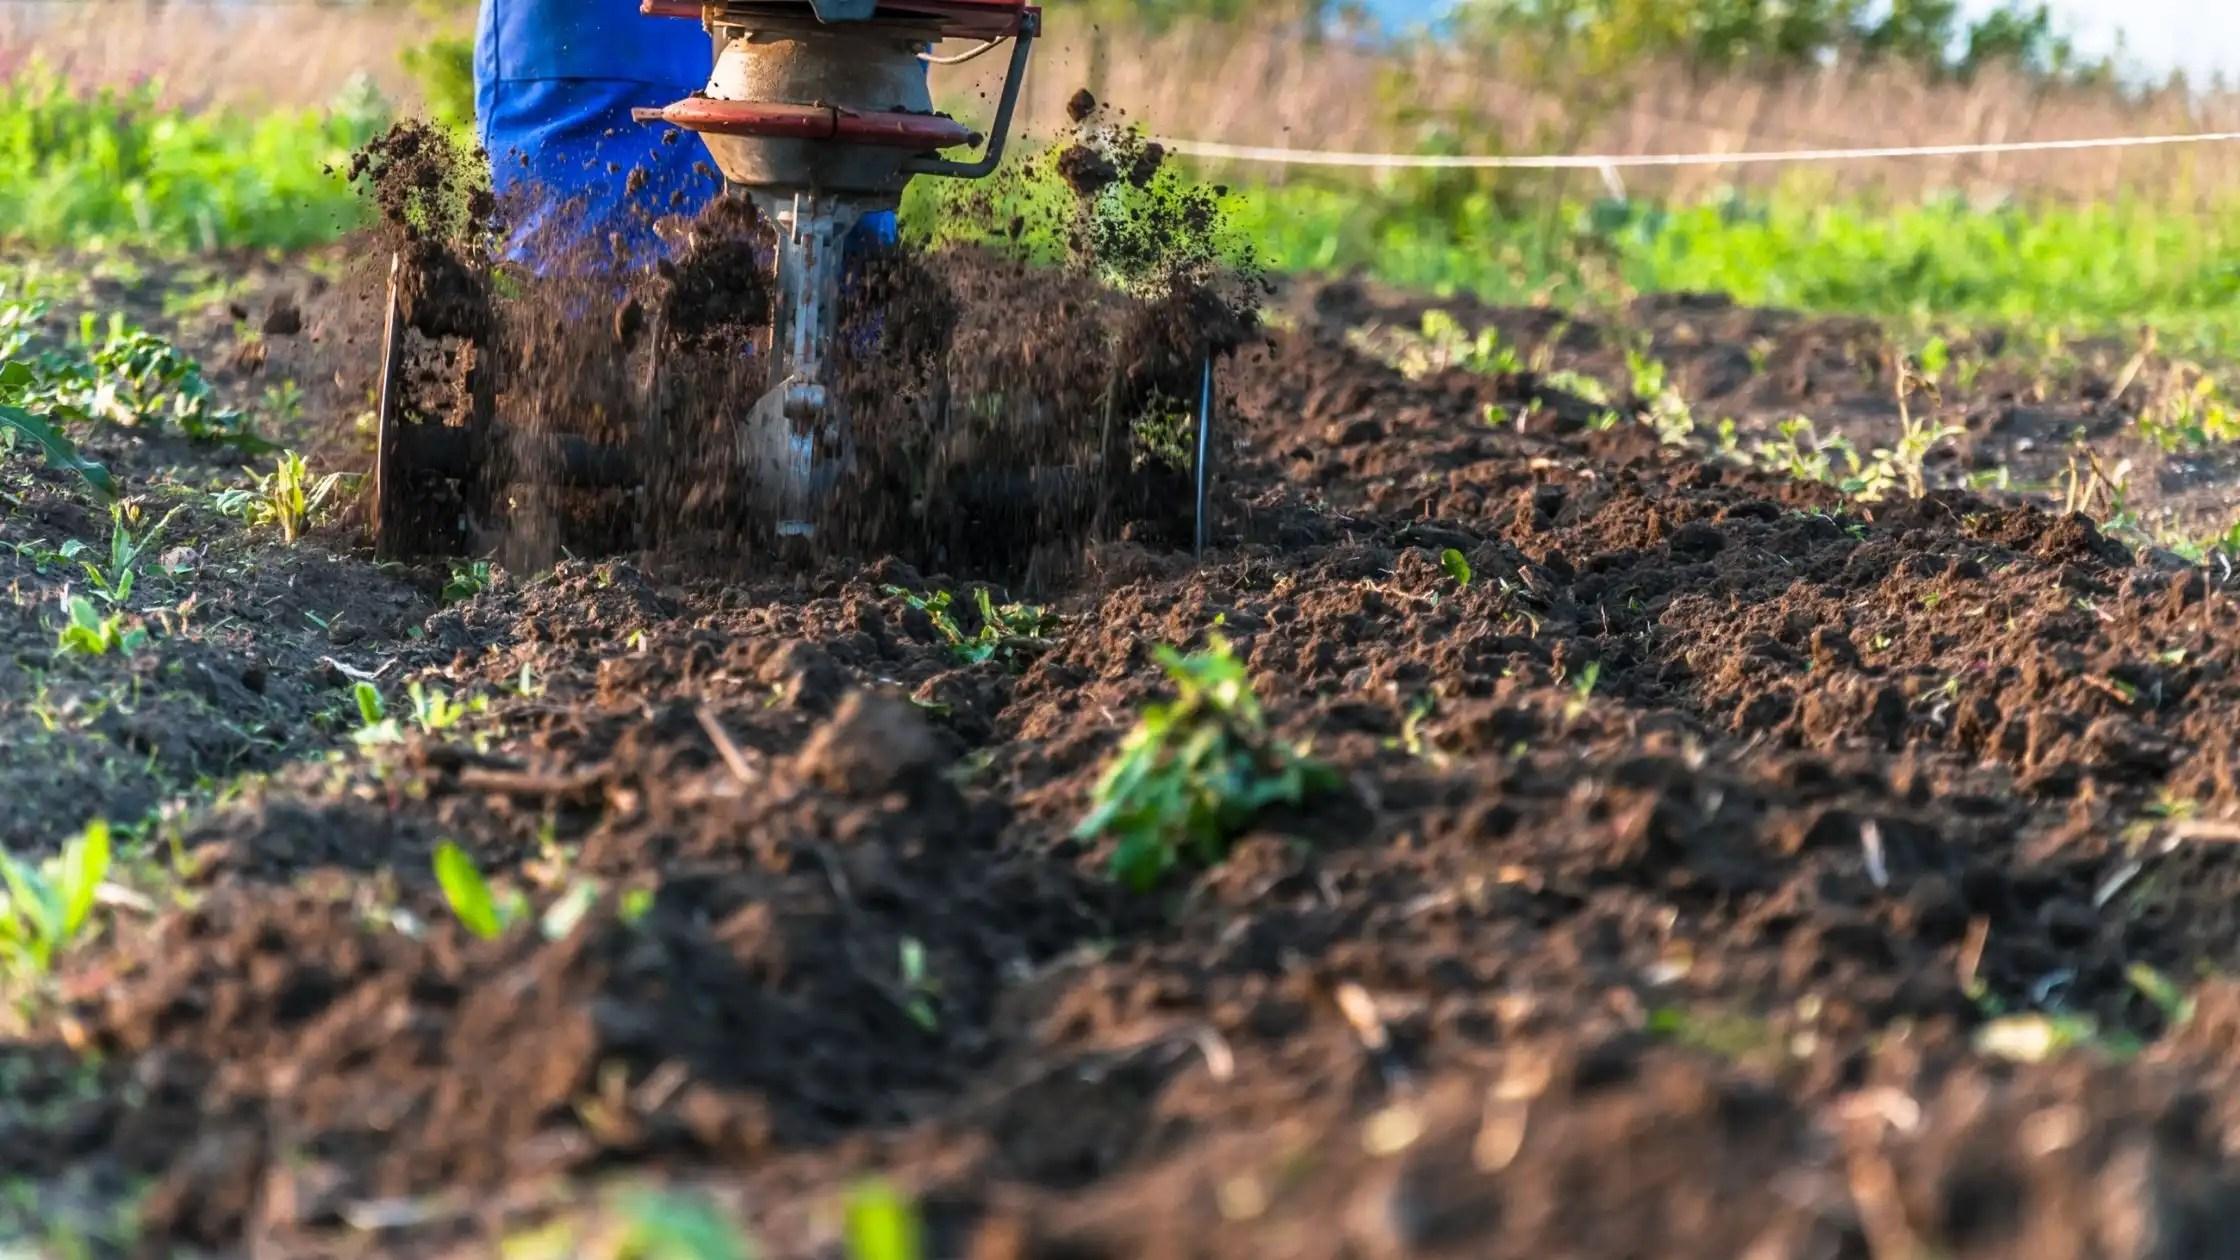 garden tiller tilling soil